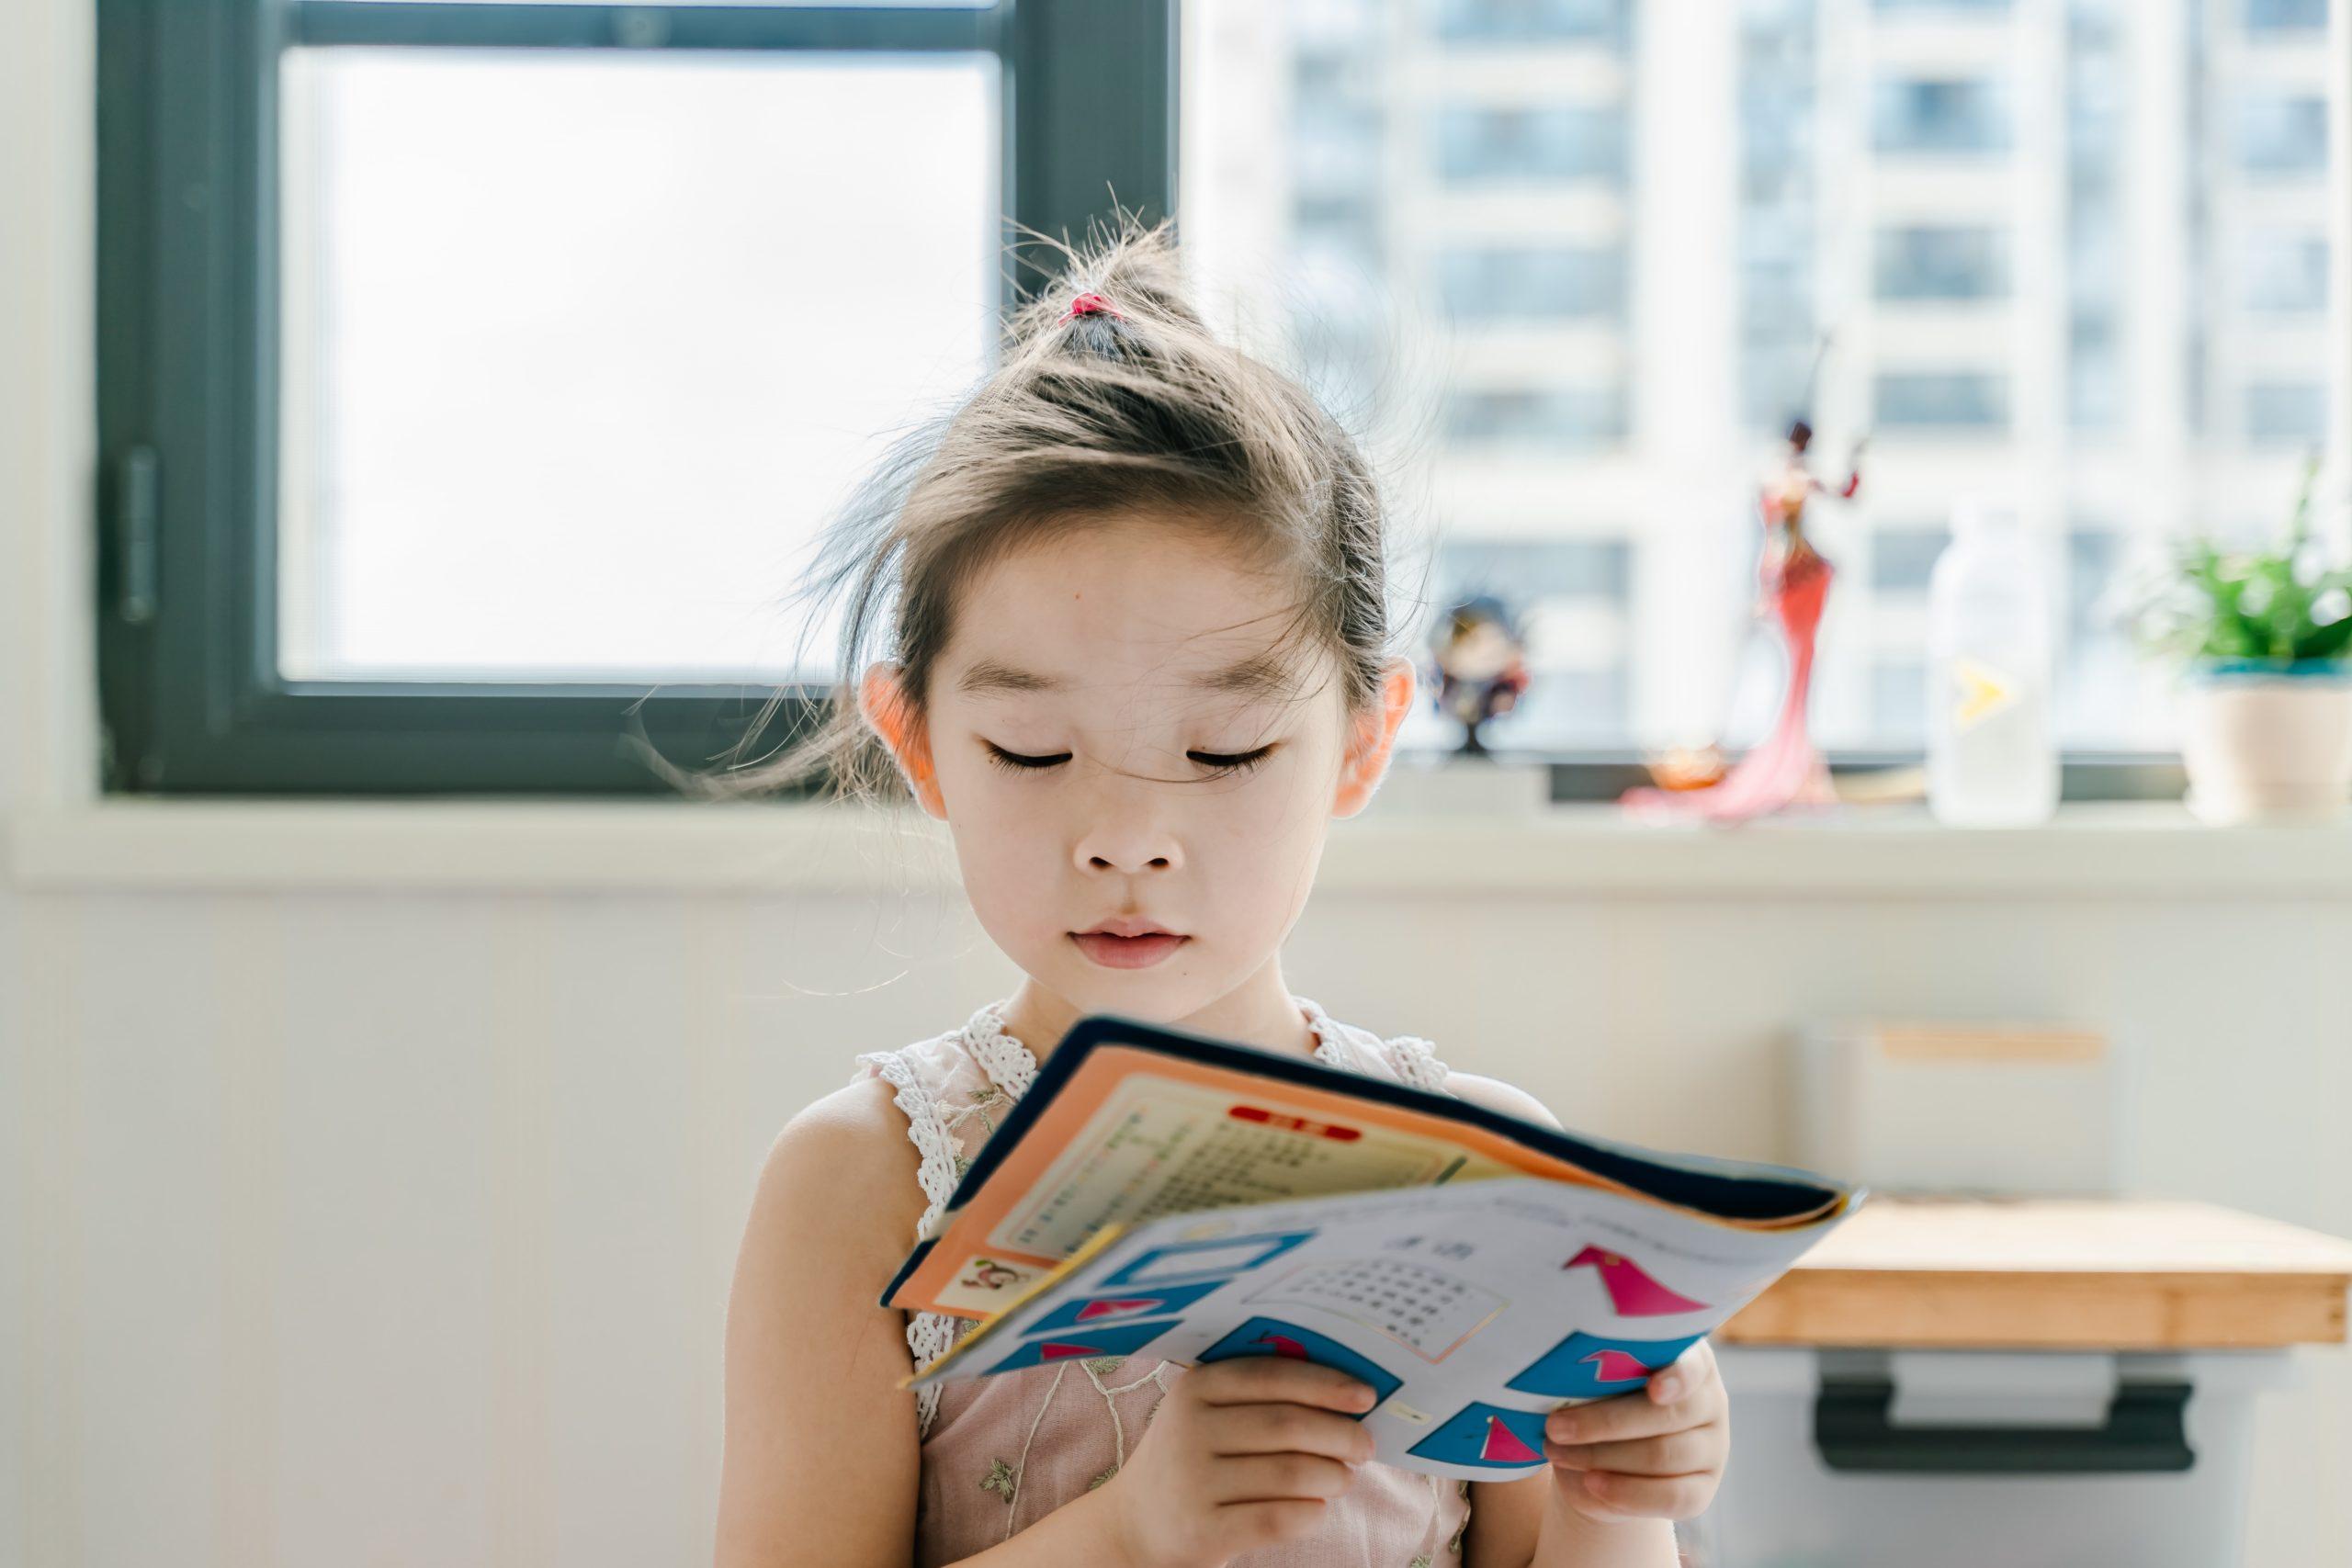 孩子看书时东张西望?如何引导集中注意力